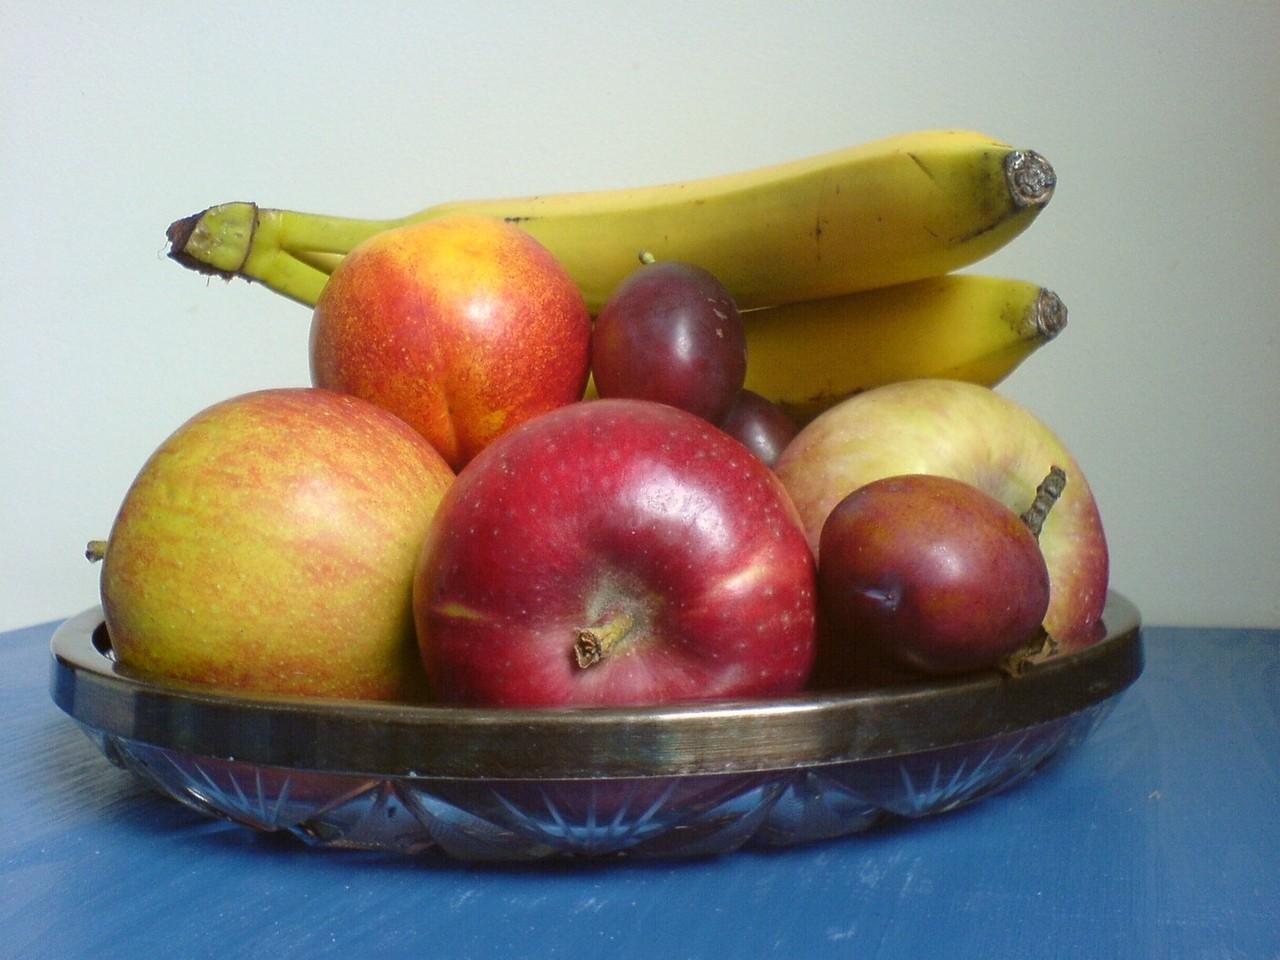 Jakie są zalety zamawianie owoców do biura?